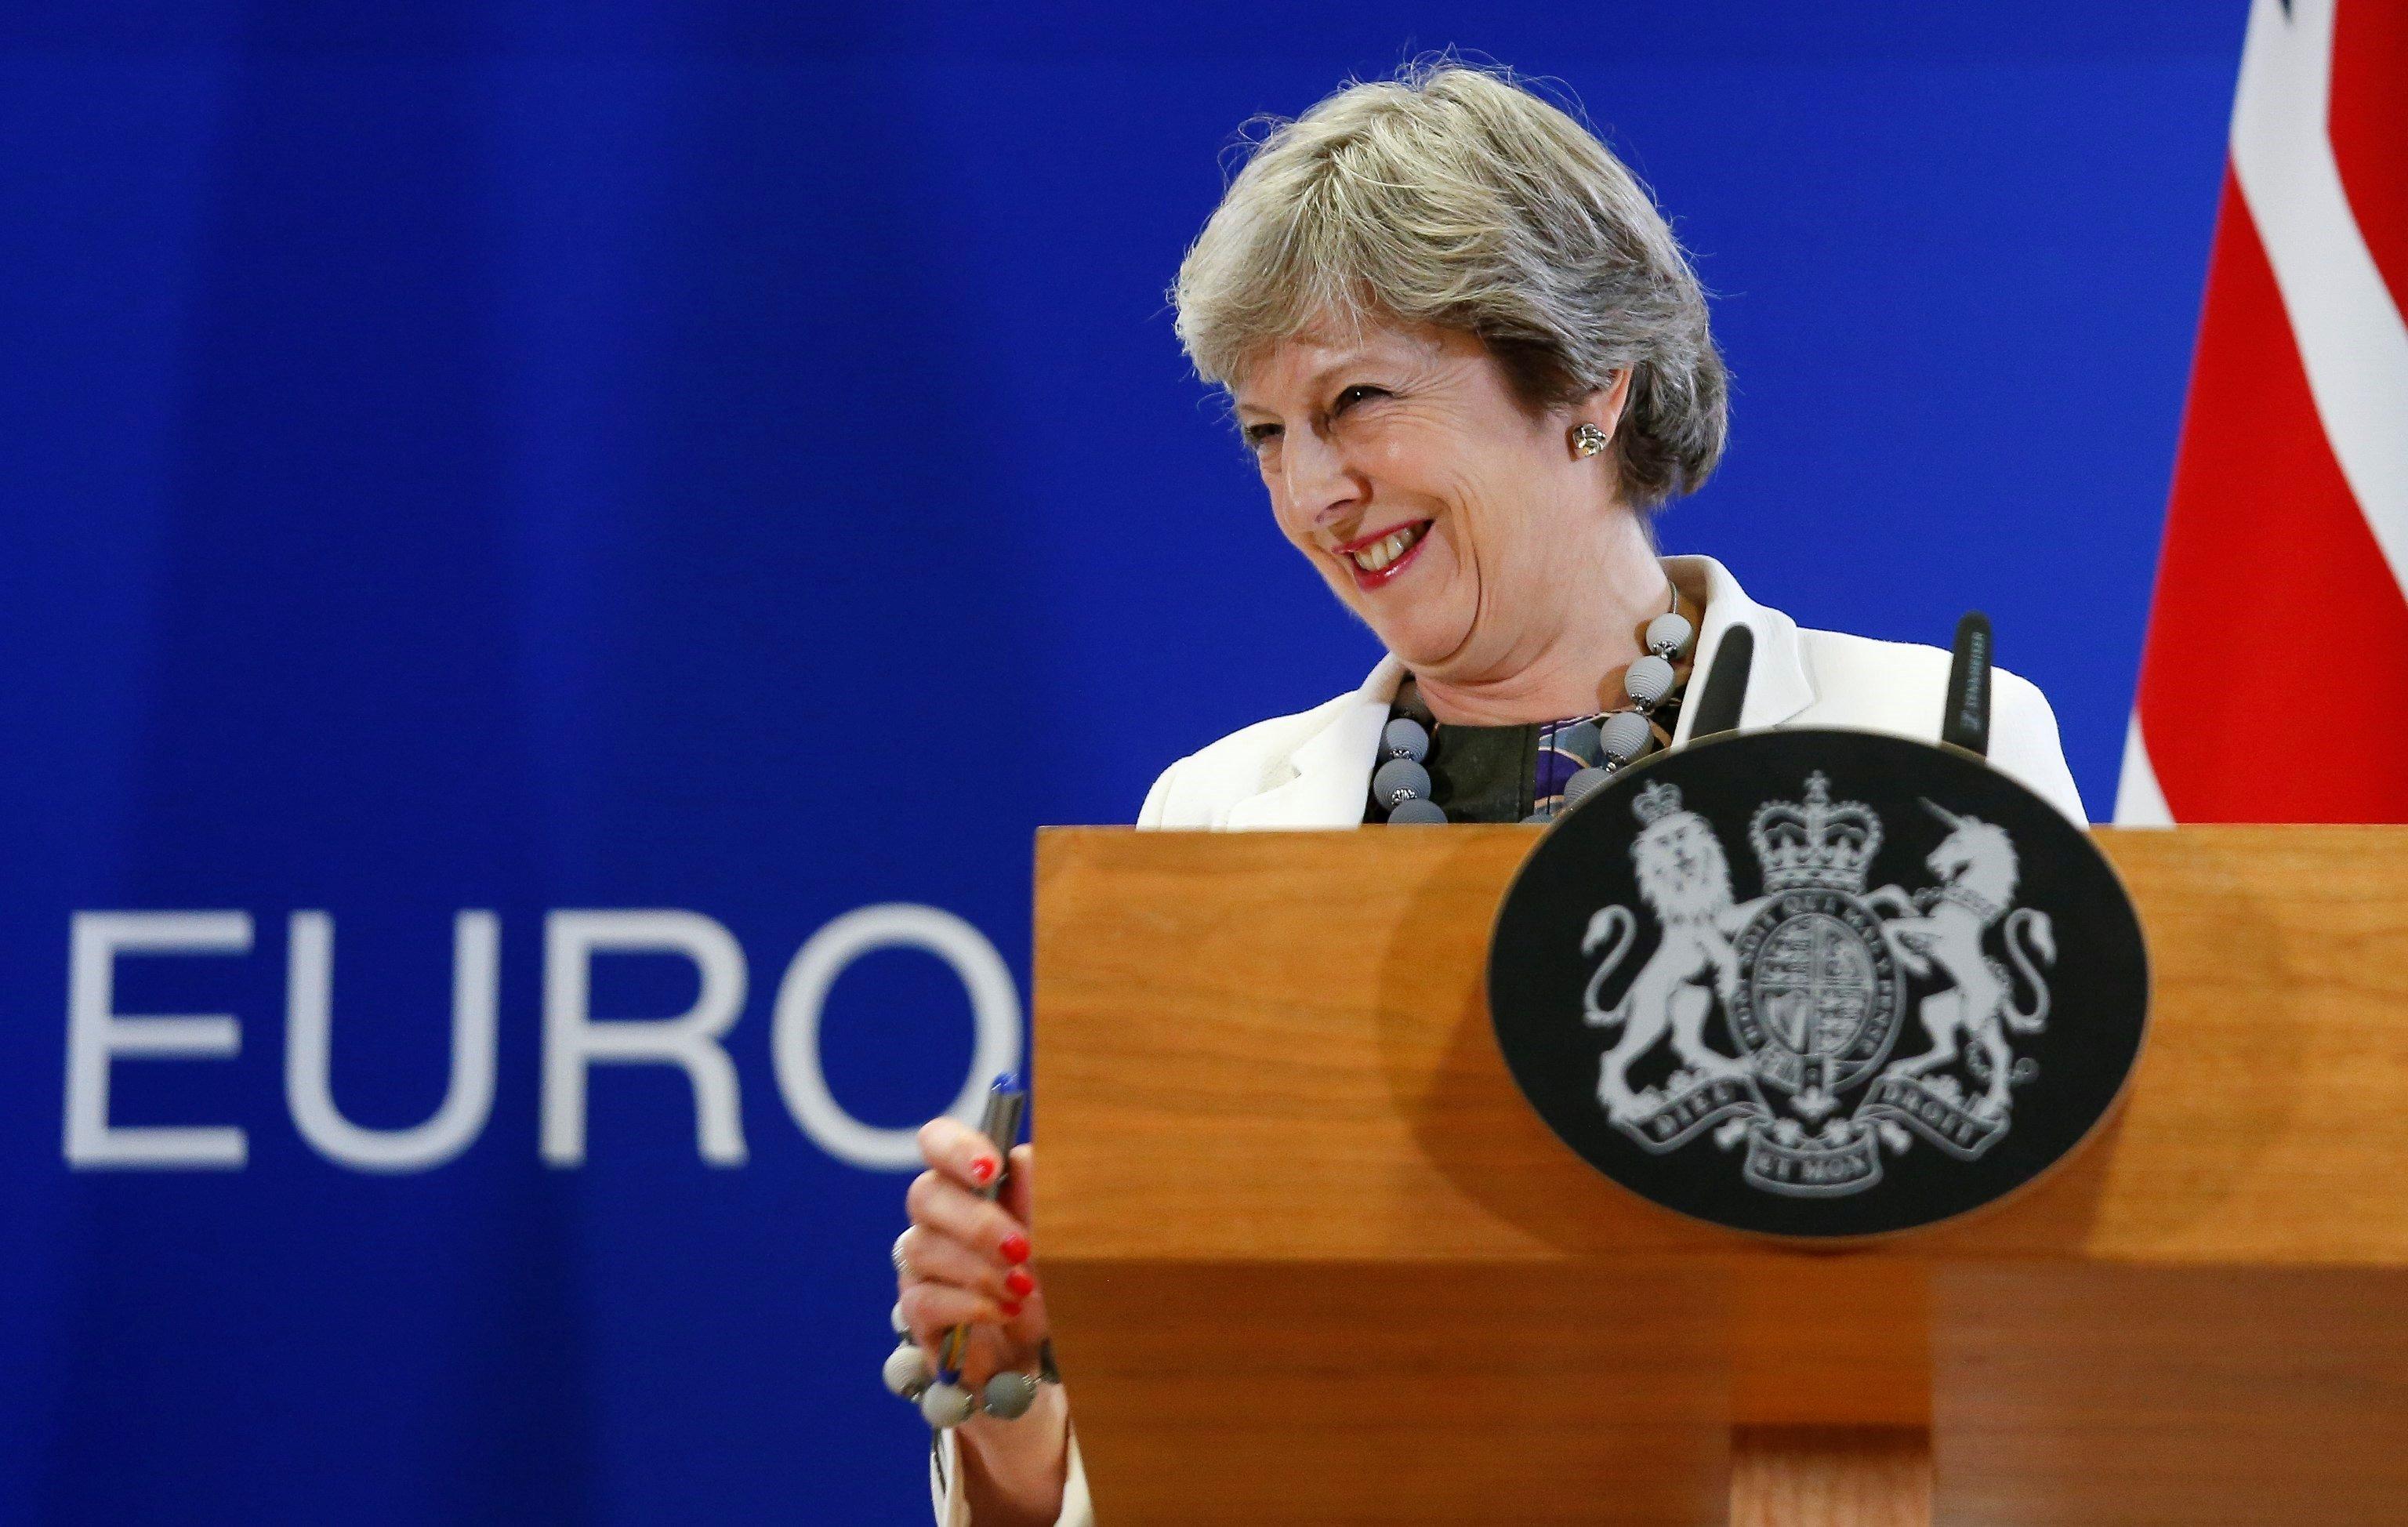 Jefe UE dice que Brexit es la prueba más dura, pide unidad